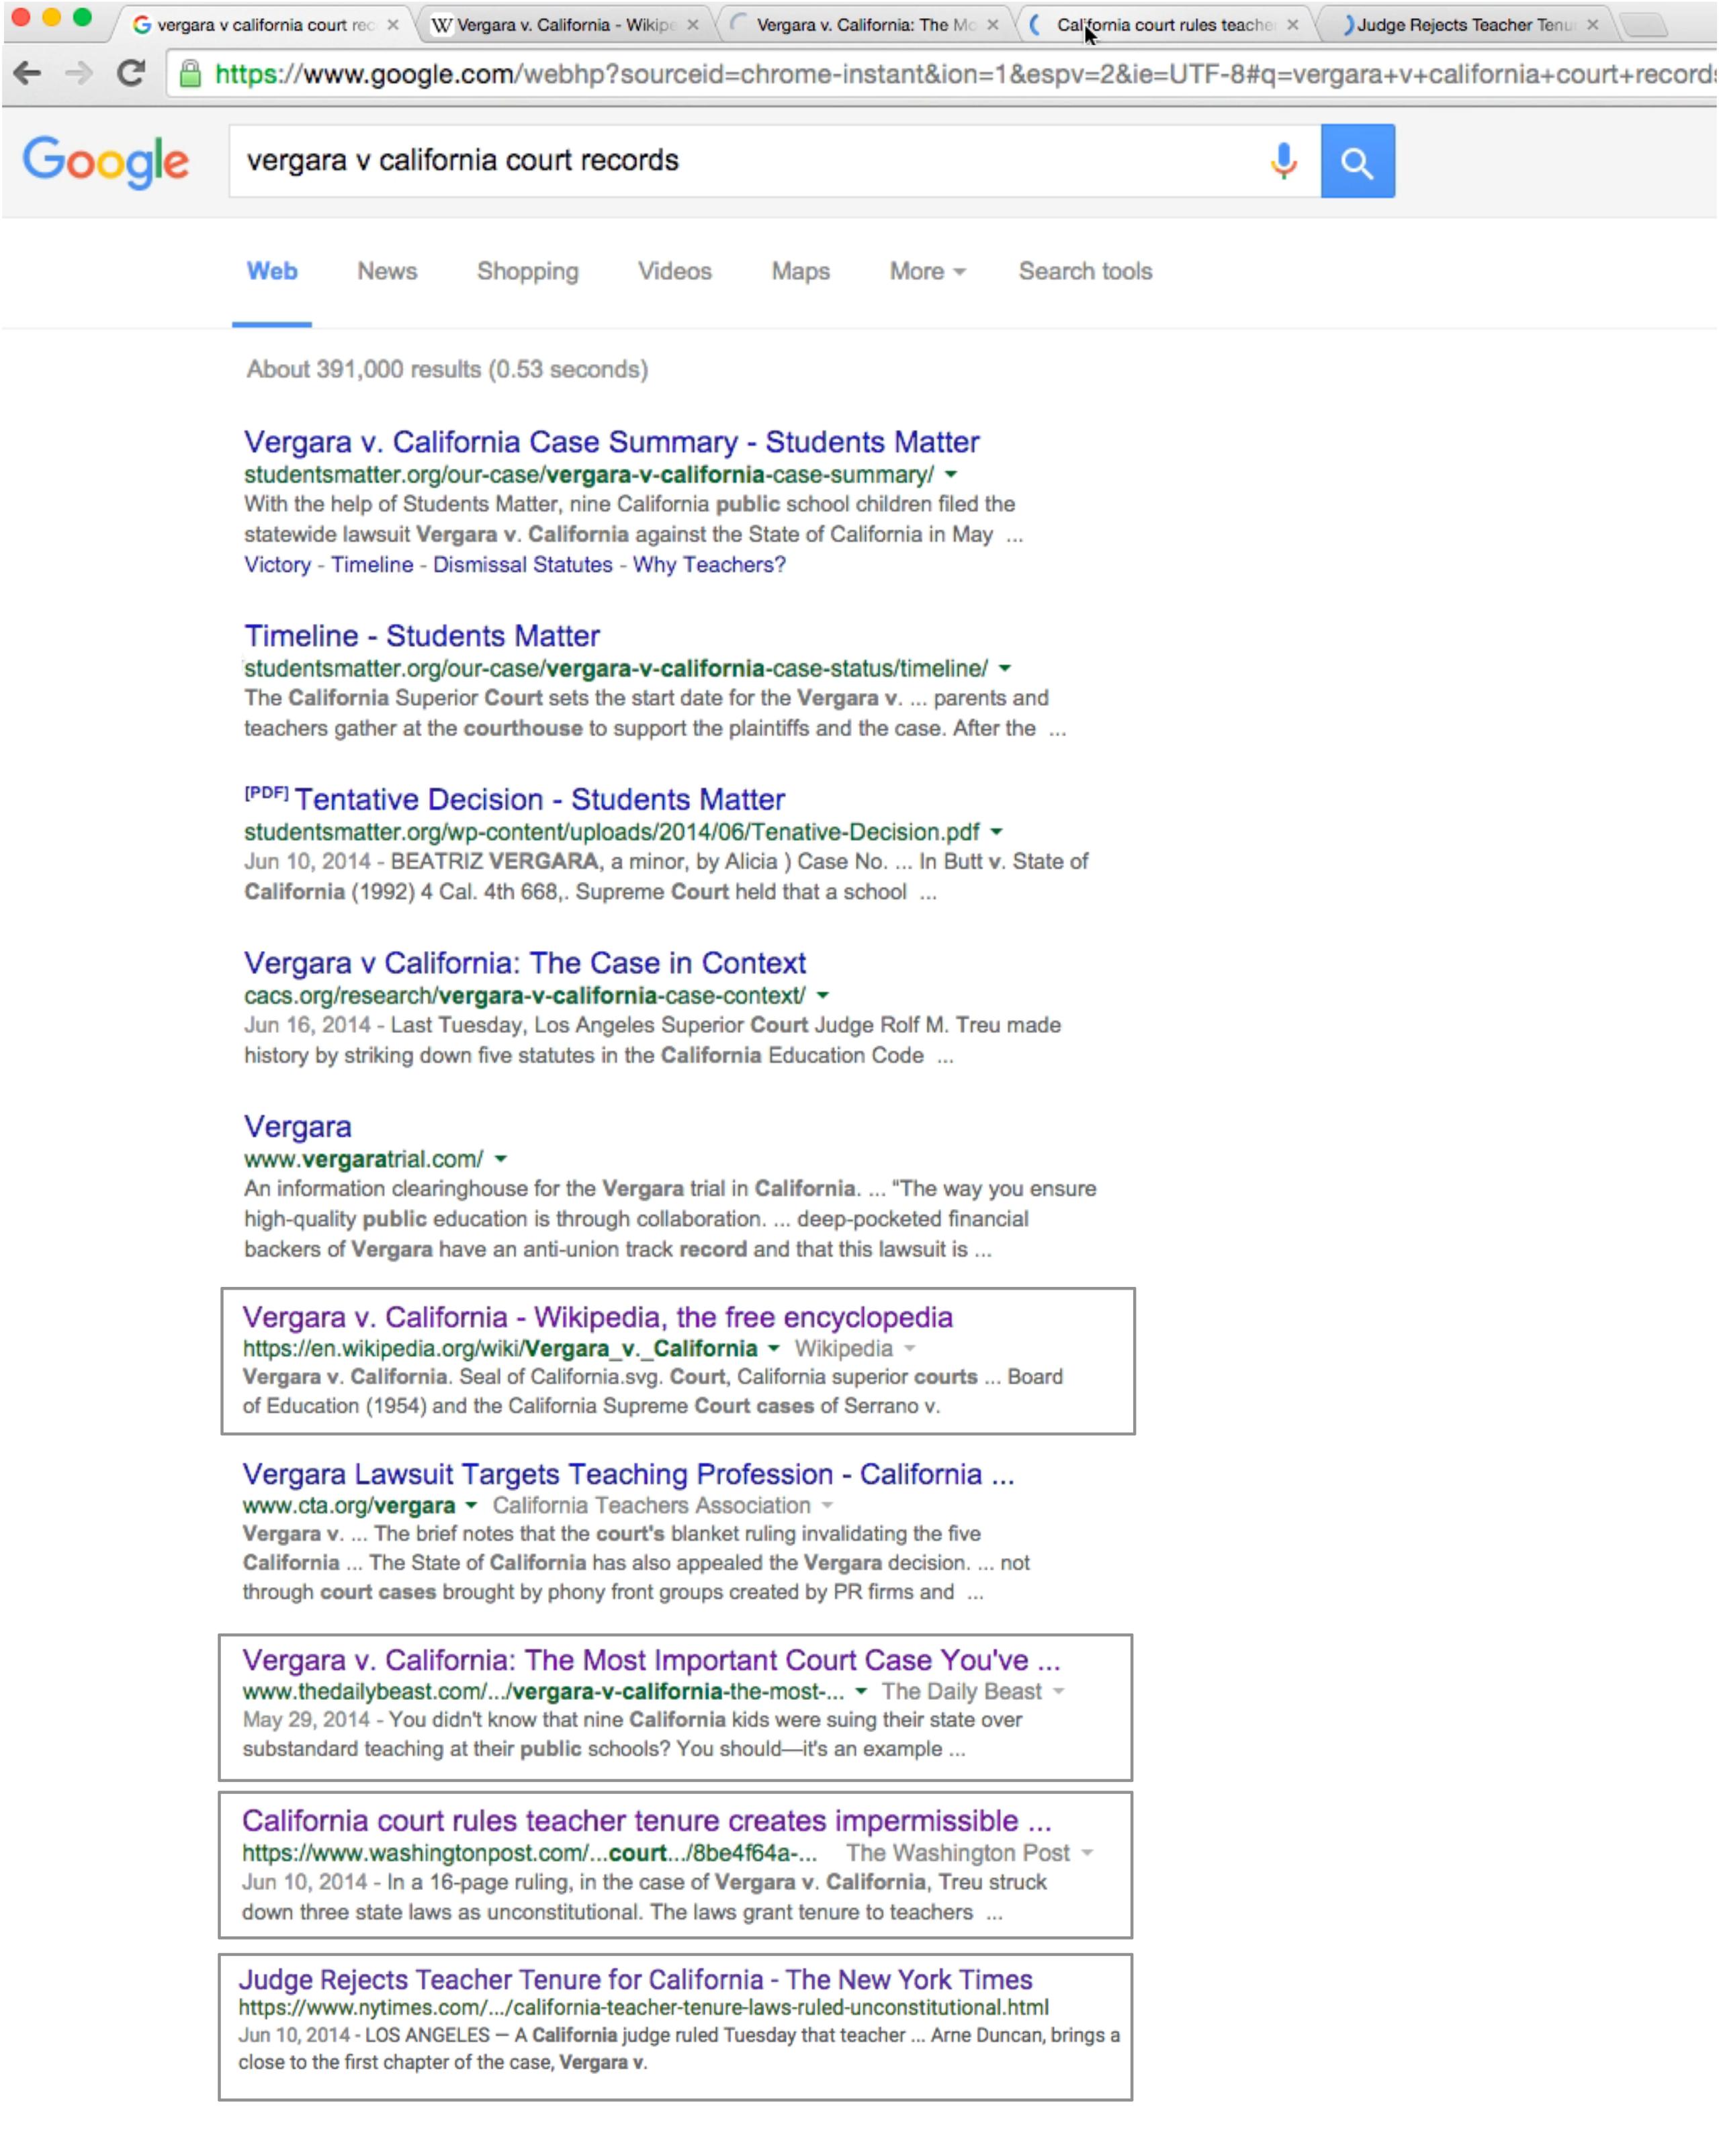 核查员 D 的搜索结果和打开的标签页